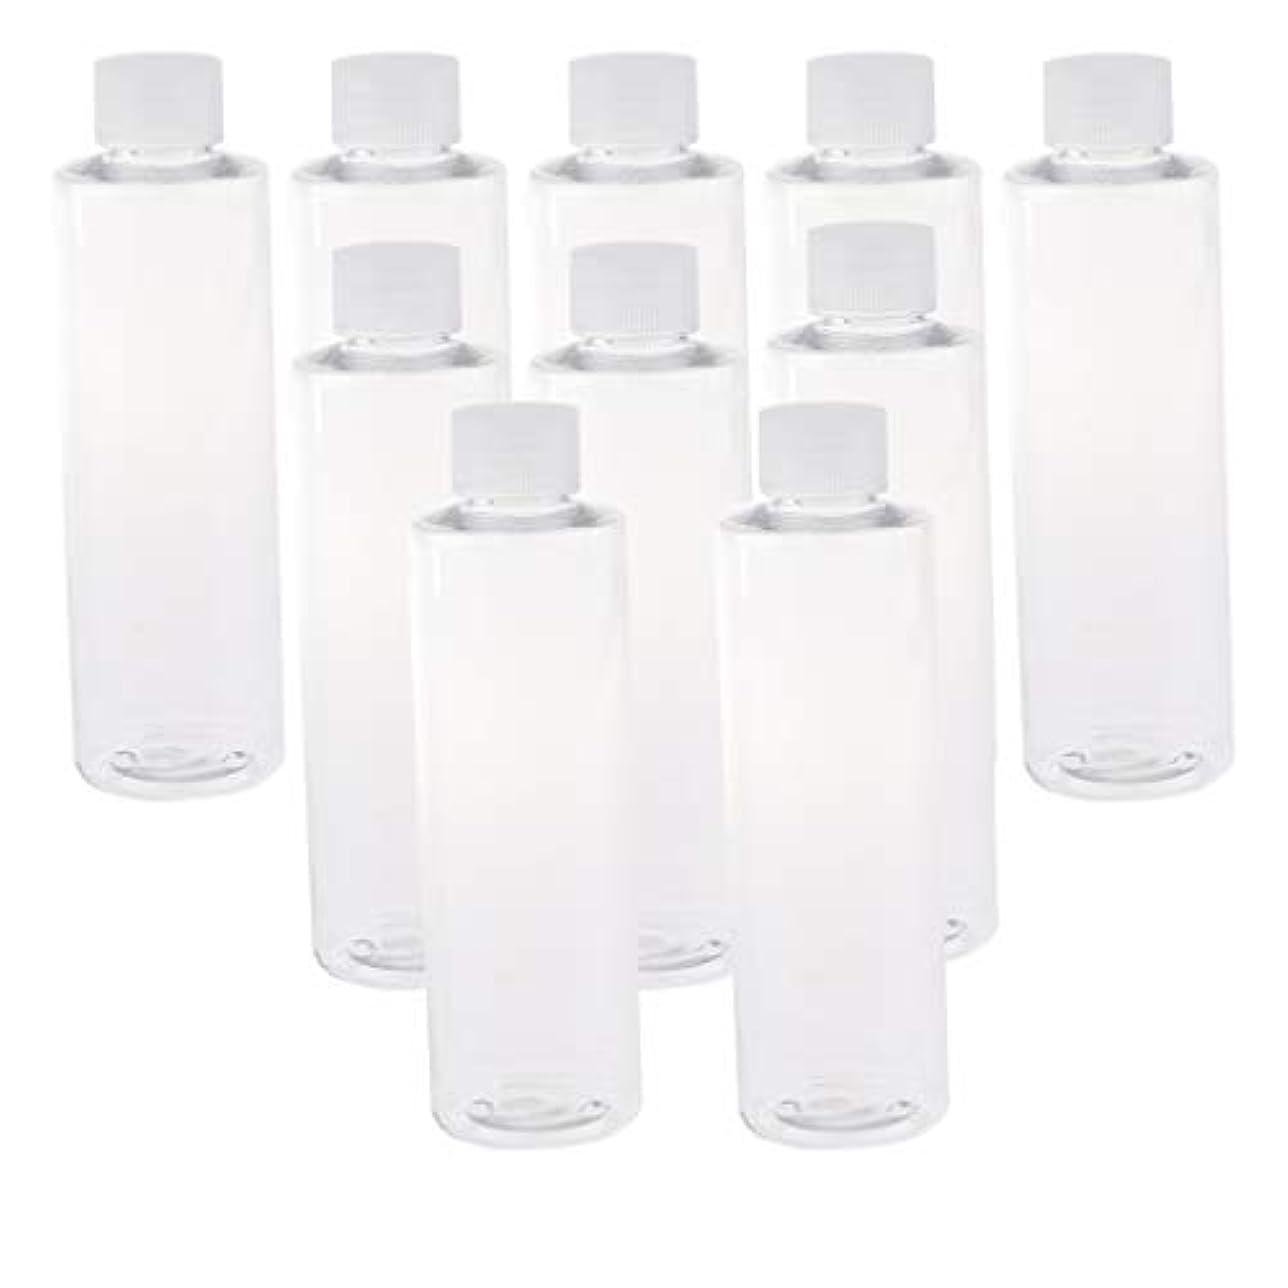 輝度配列ジョージスティーブンソンF Fityle 全3色 200ミリリットル PETボトル 空のボトル プラスチックボトル 詰替え容器 - クリアキャップ